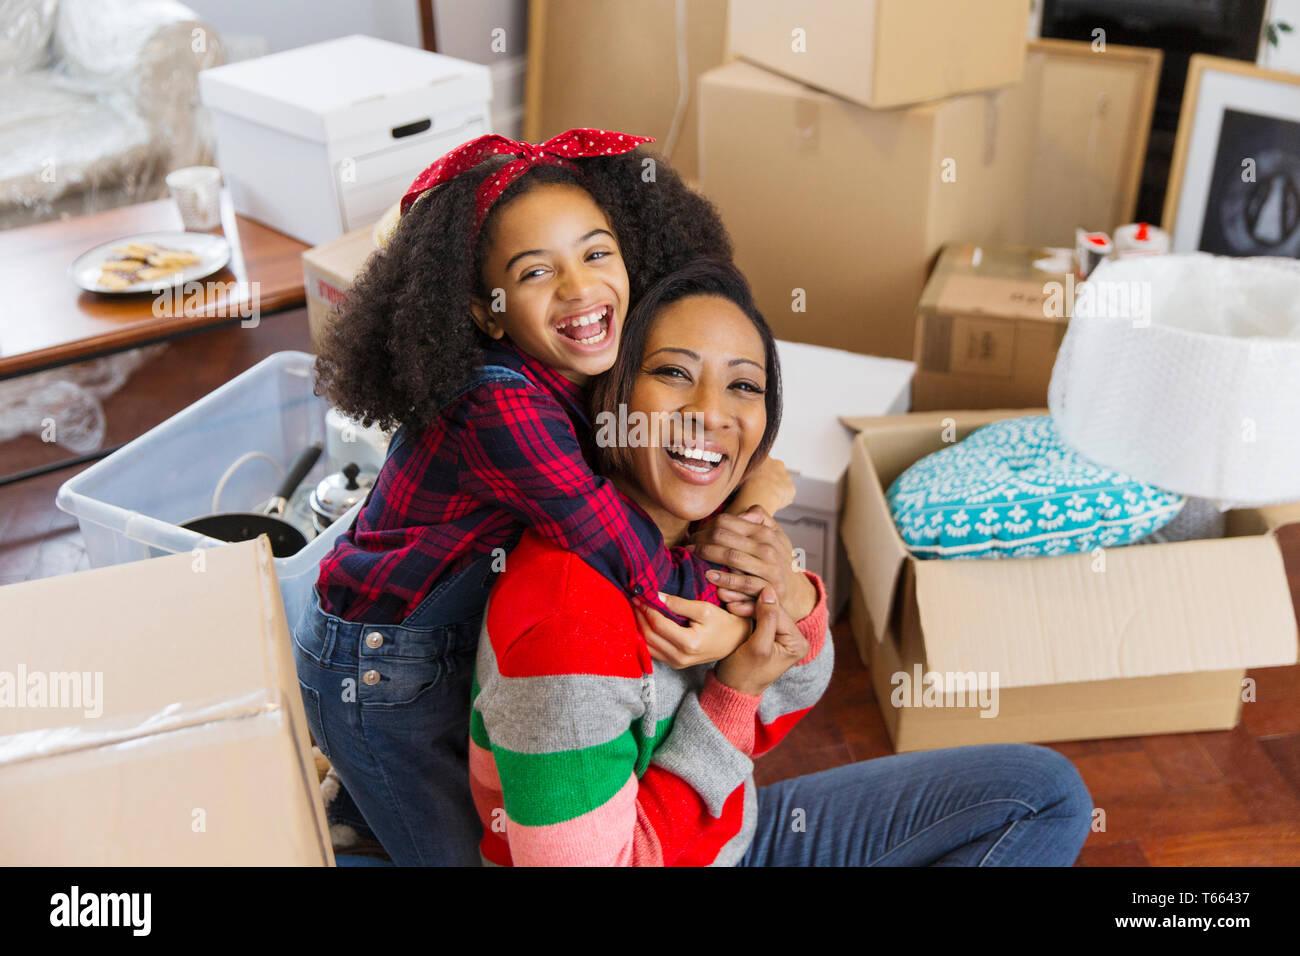 Portrait über glückliche, begeisterte Mutter und Tochter umarmen unter Kartons, Umzug Stockfoto